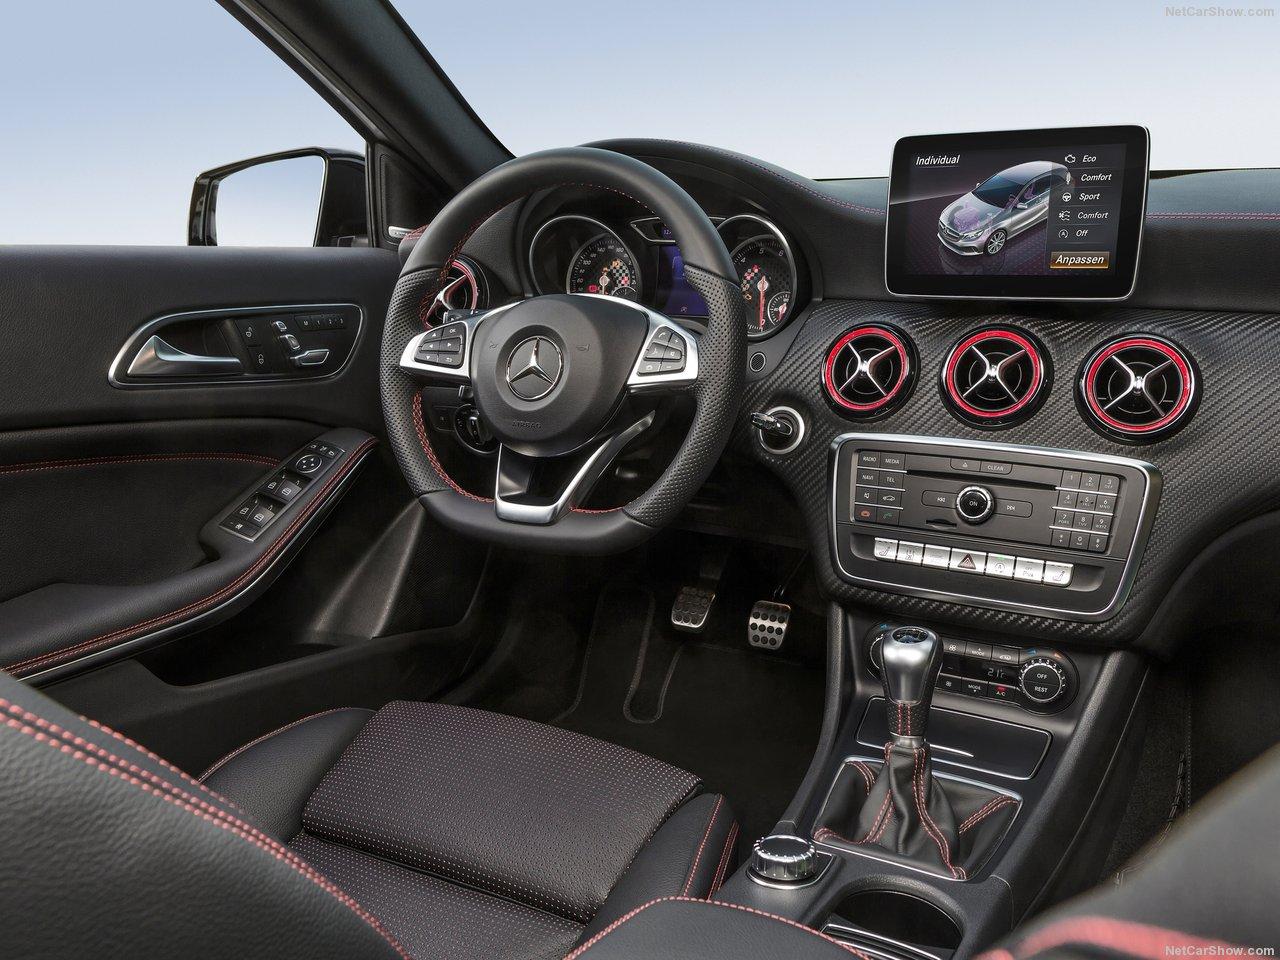 Mercedes-Benz-A-Class-2016-1280-40.jpg